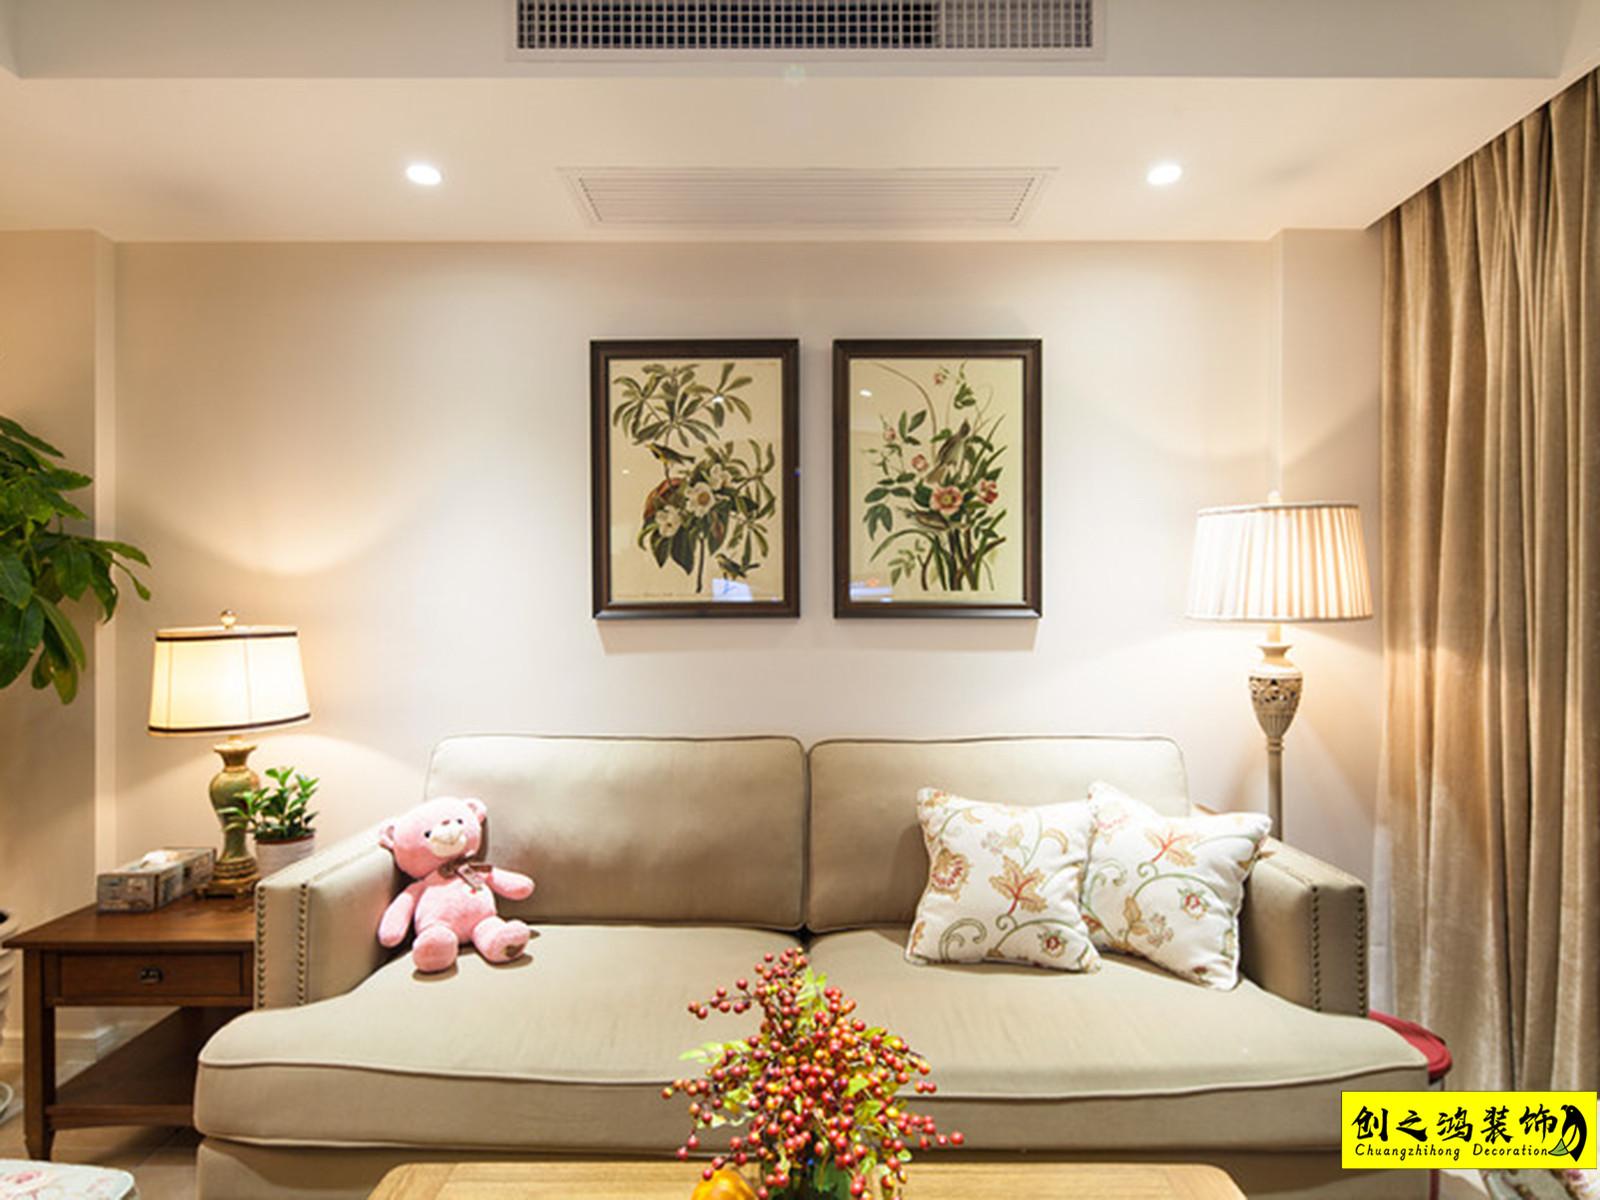 88㎡中海寰宇天下二室二厅美式风格装修效果图